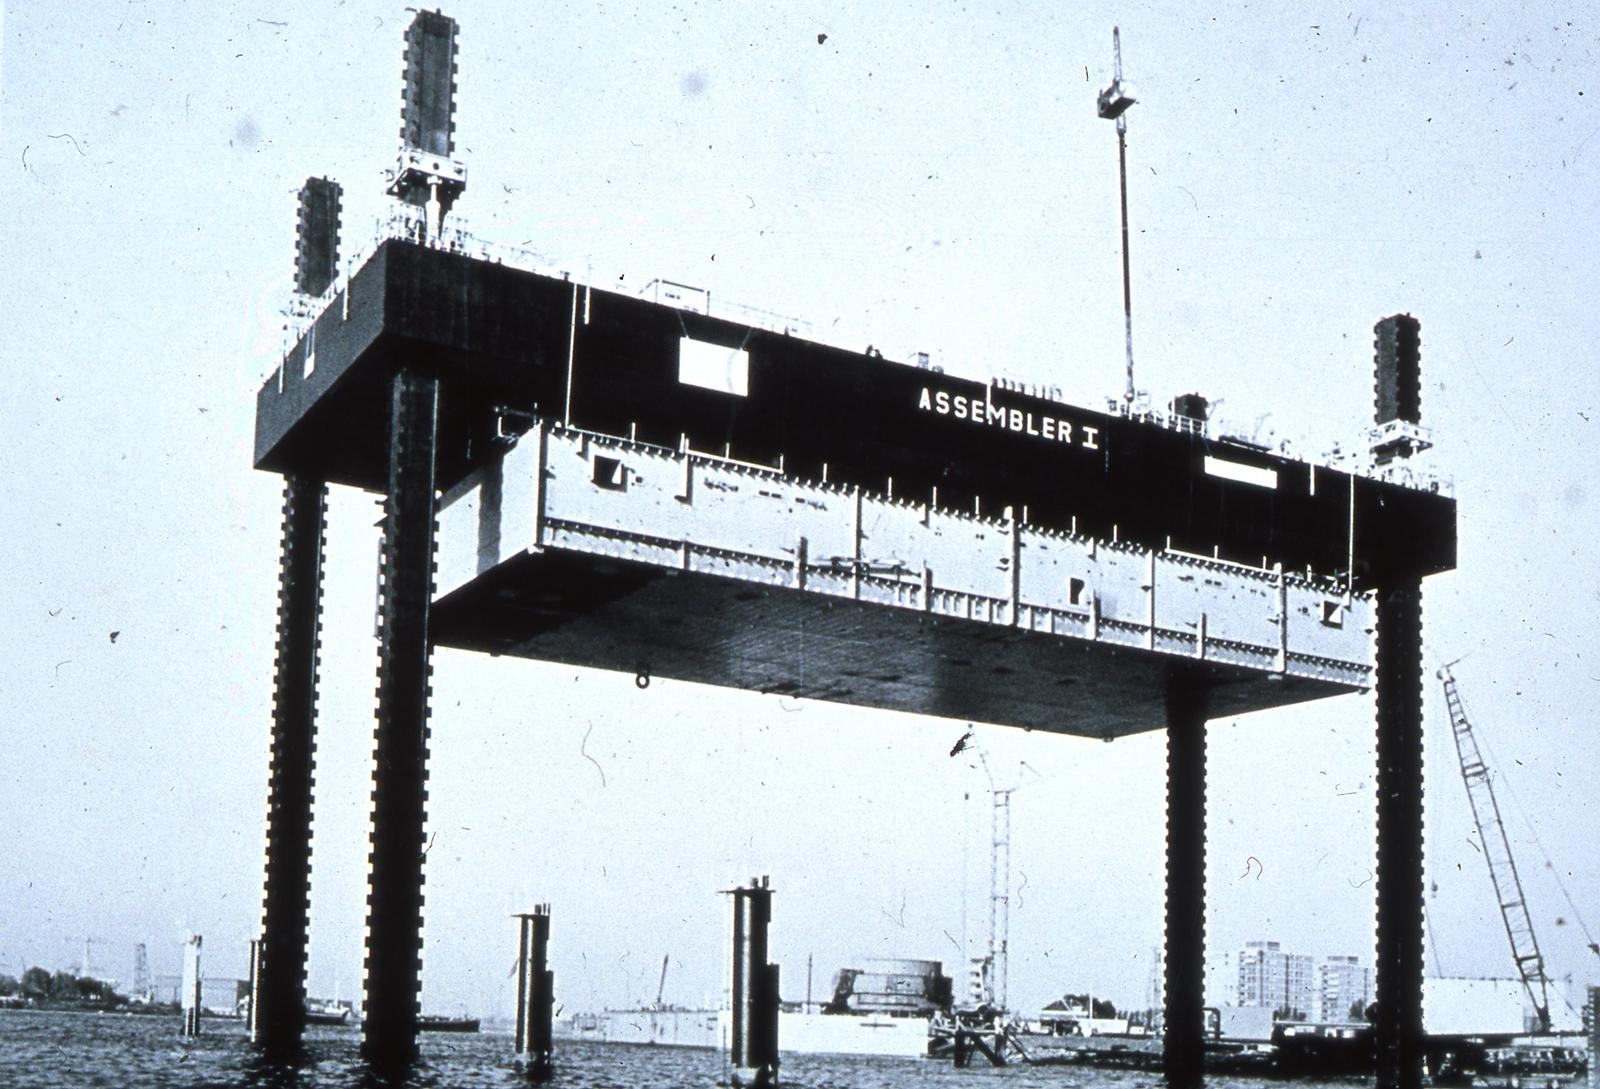 Co. 943: Installer I (1974)